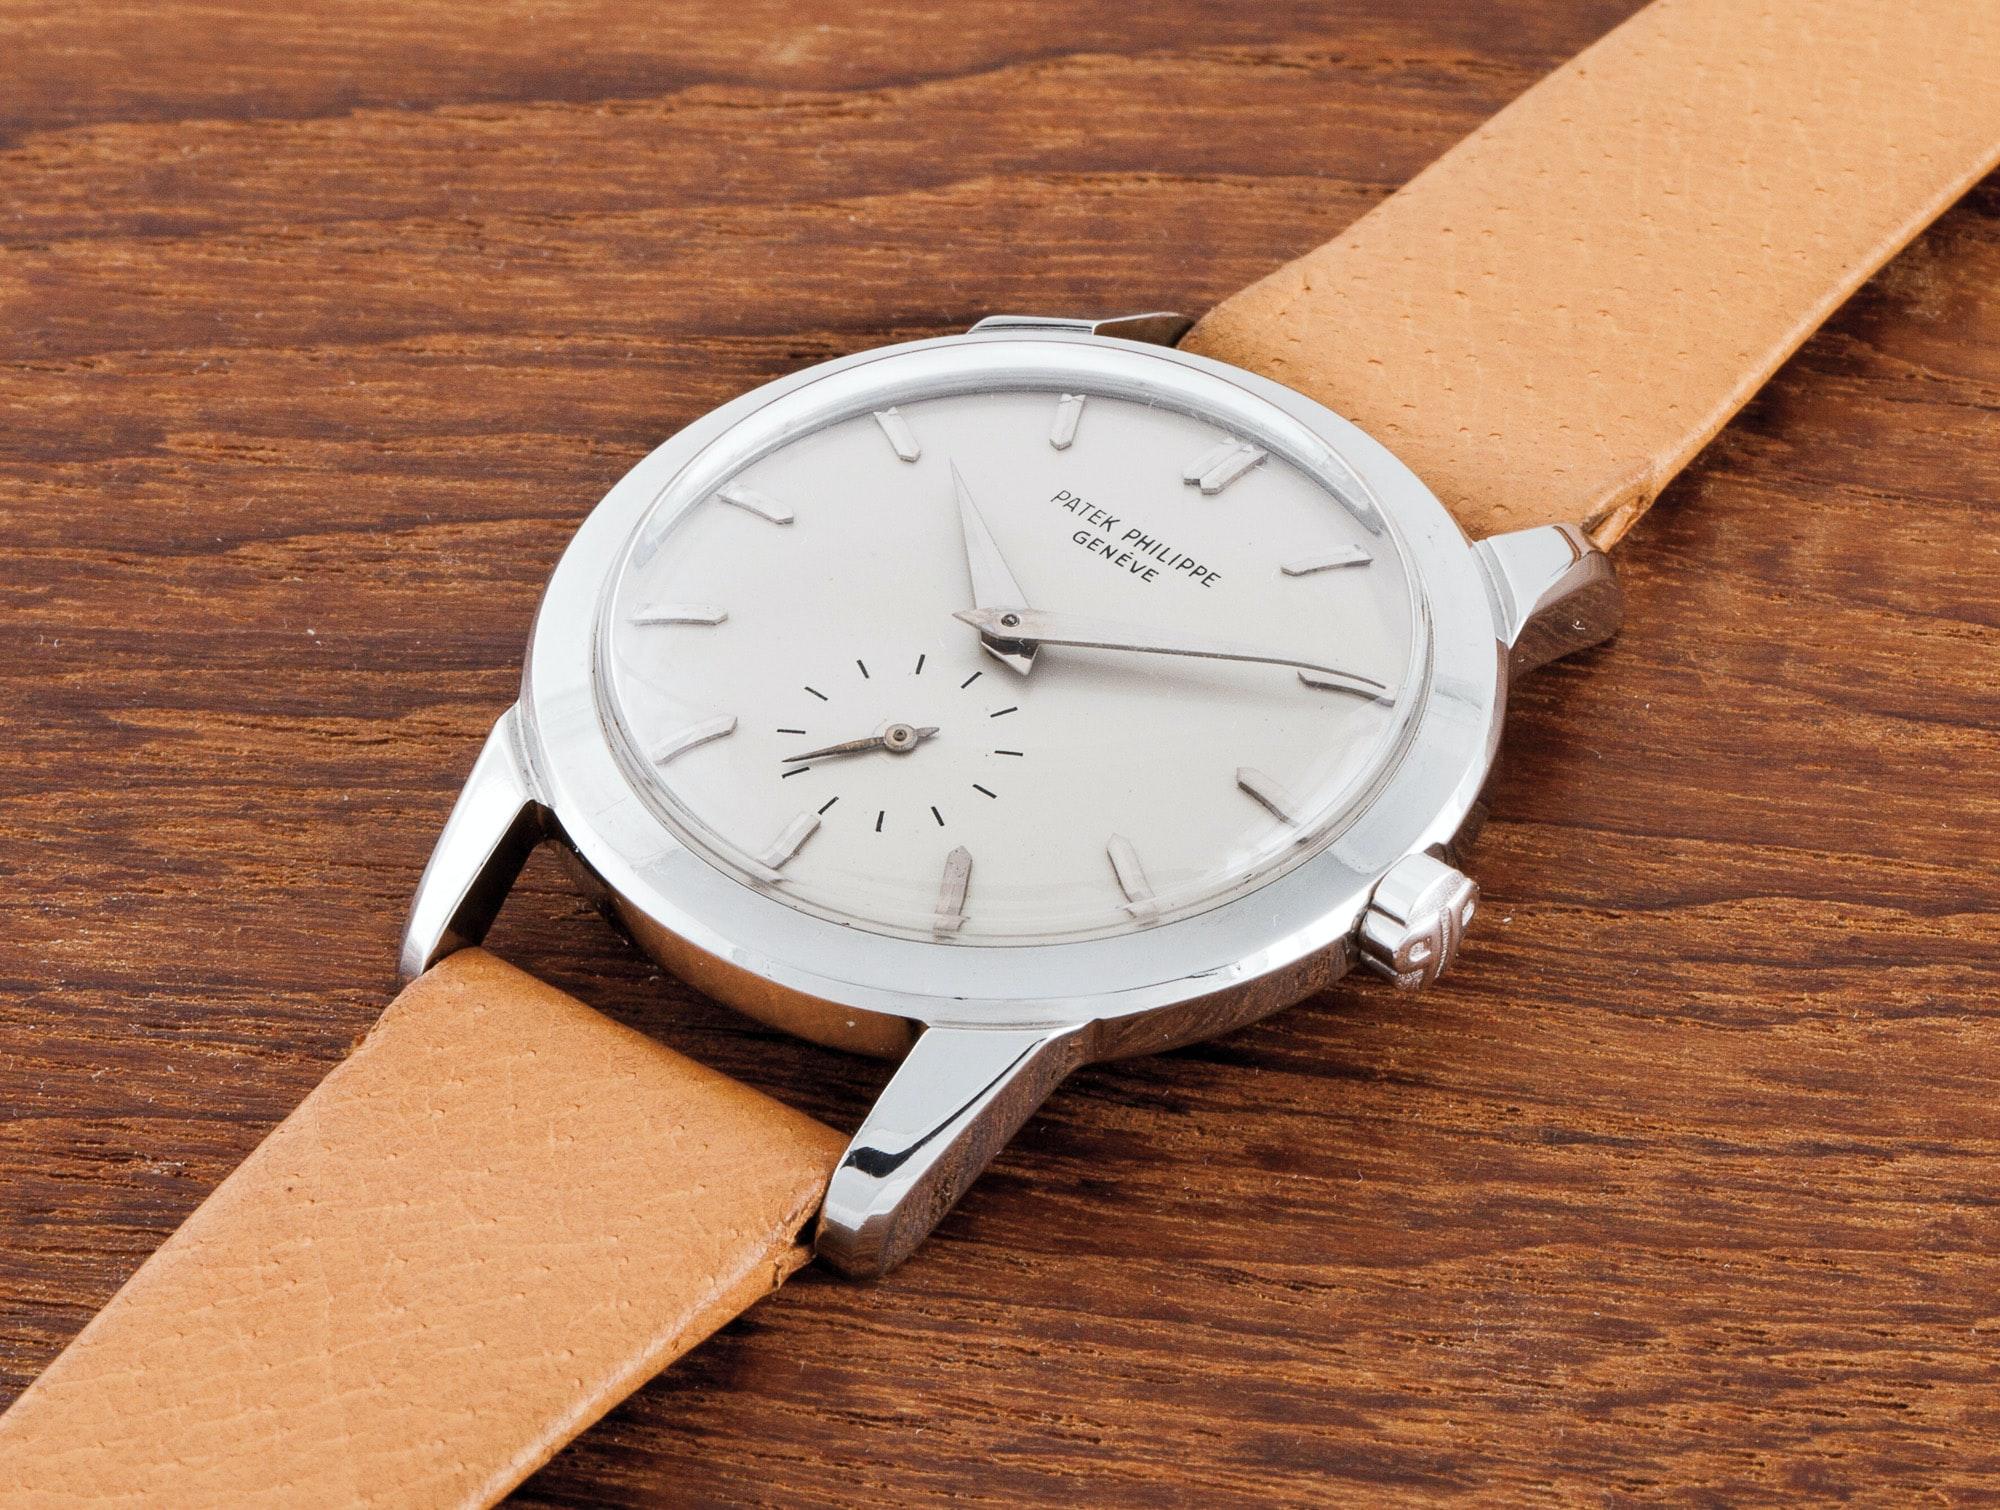 нравится часы patek philippe stainless steel back представлены